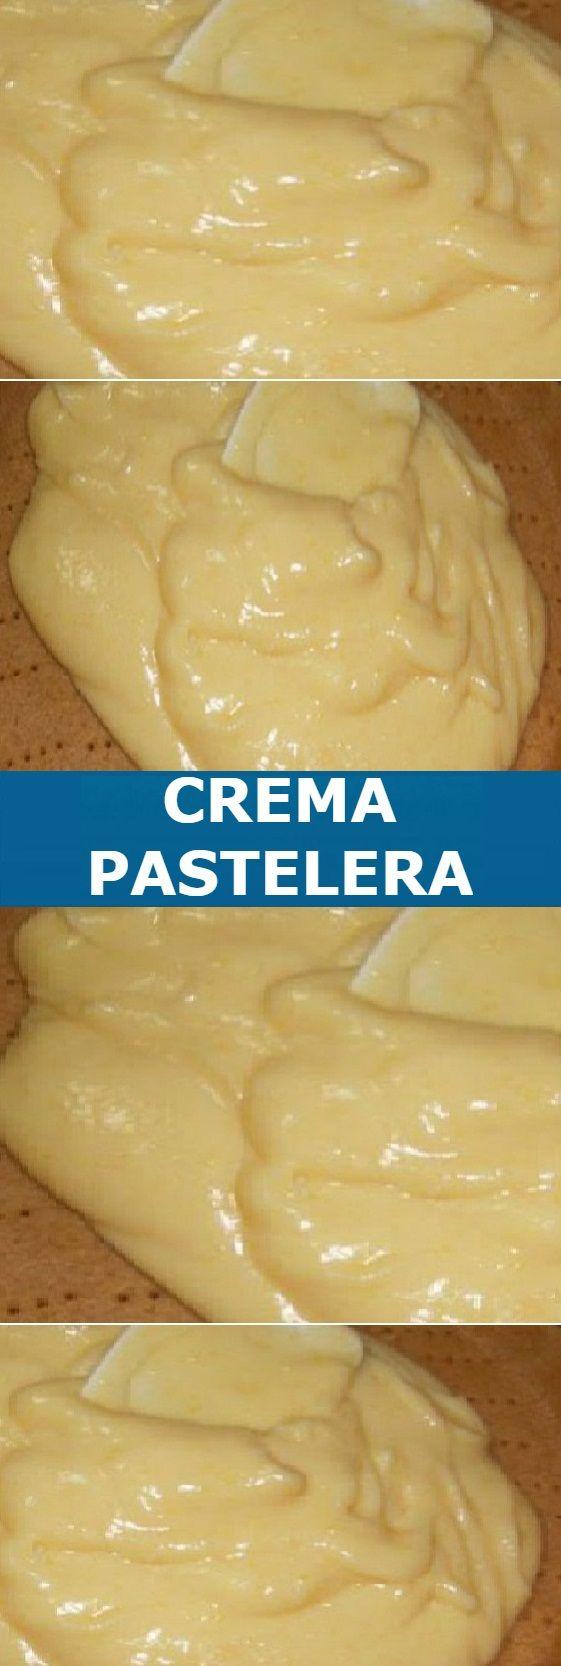 Como Hacer La Mejor Crema Pastelera Facil Y Deliciosa Pastelera Crema Pastelera Recetas De Tartas Y Pasteles